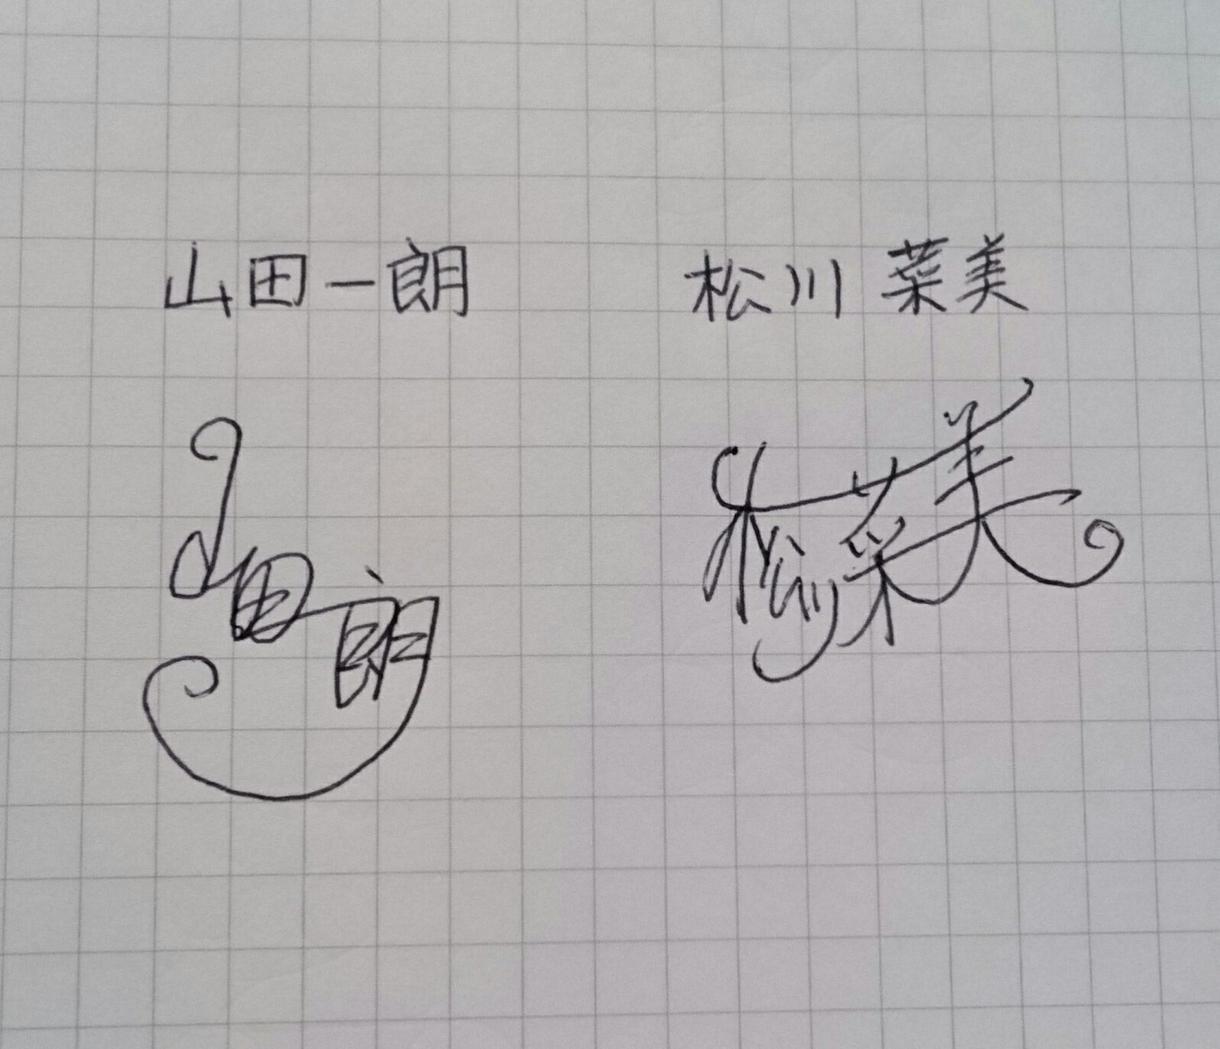 サインのご提案を致します 漢字やひらがなの手書き用サインをご提案します。